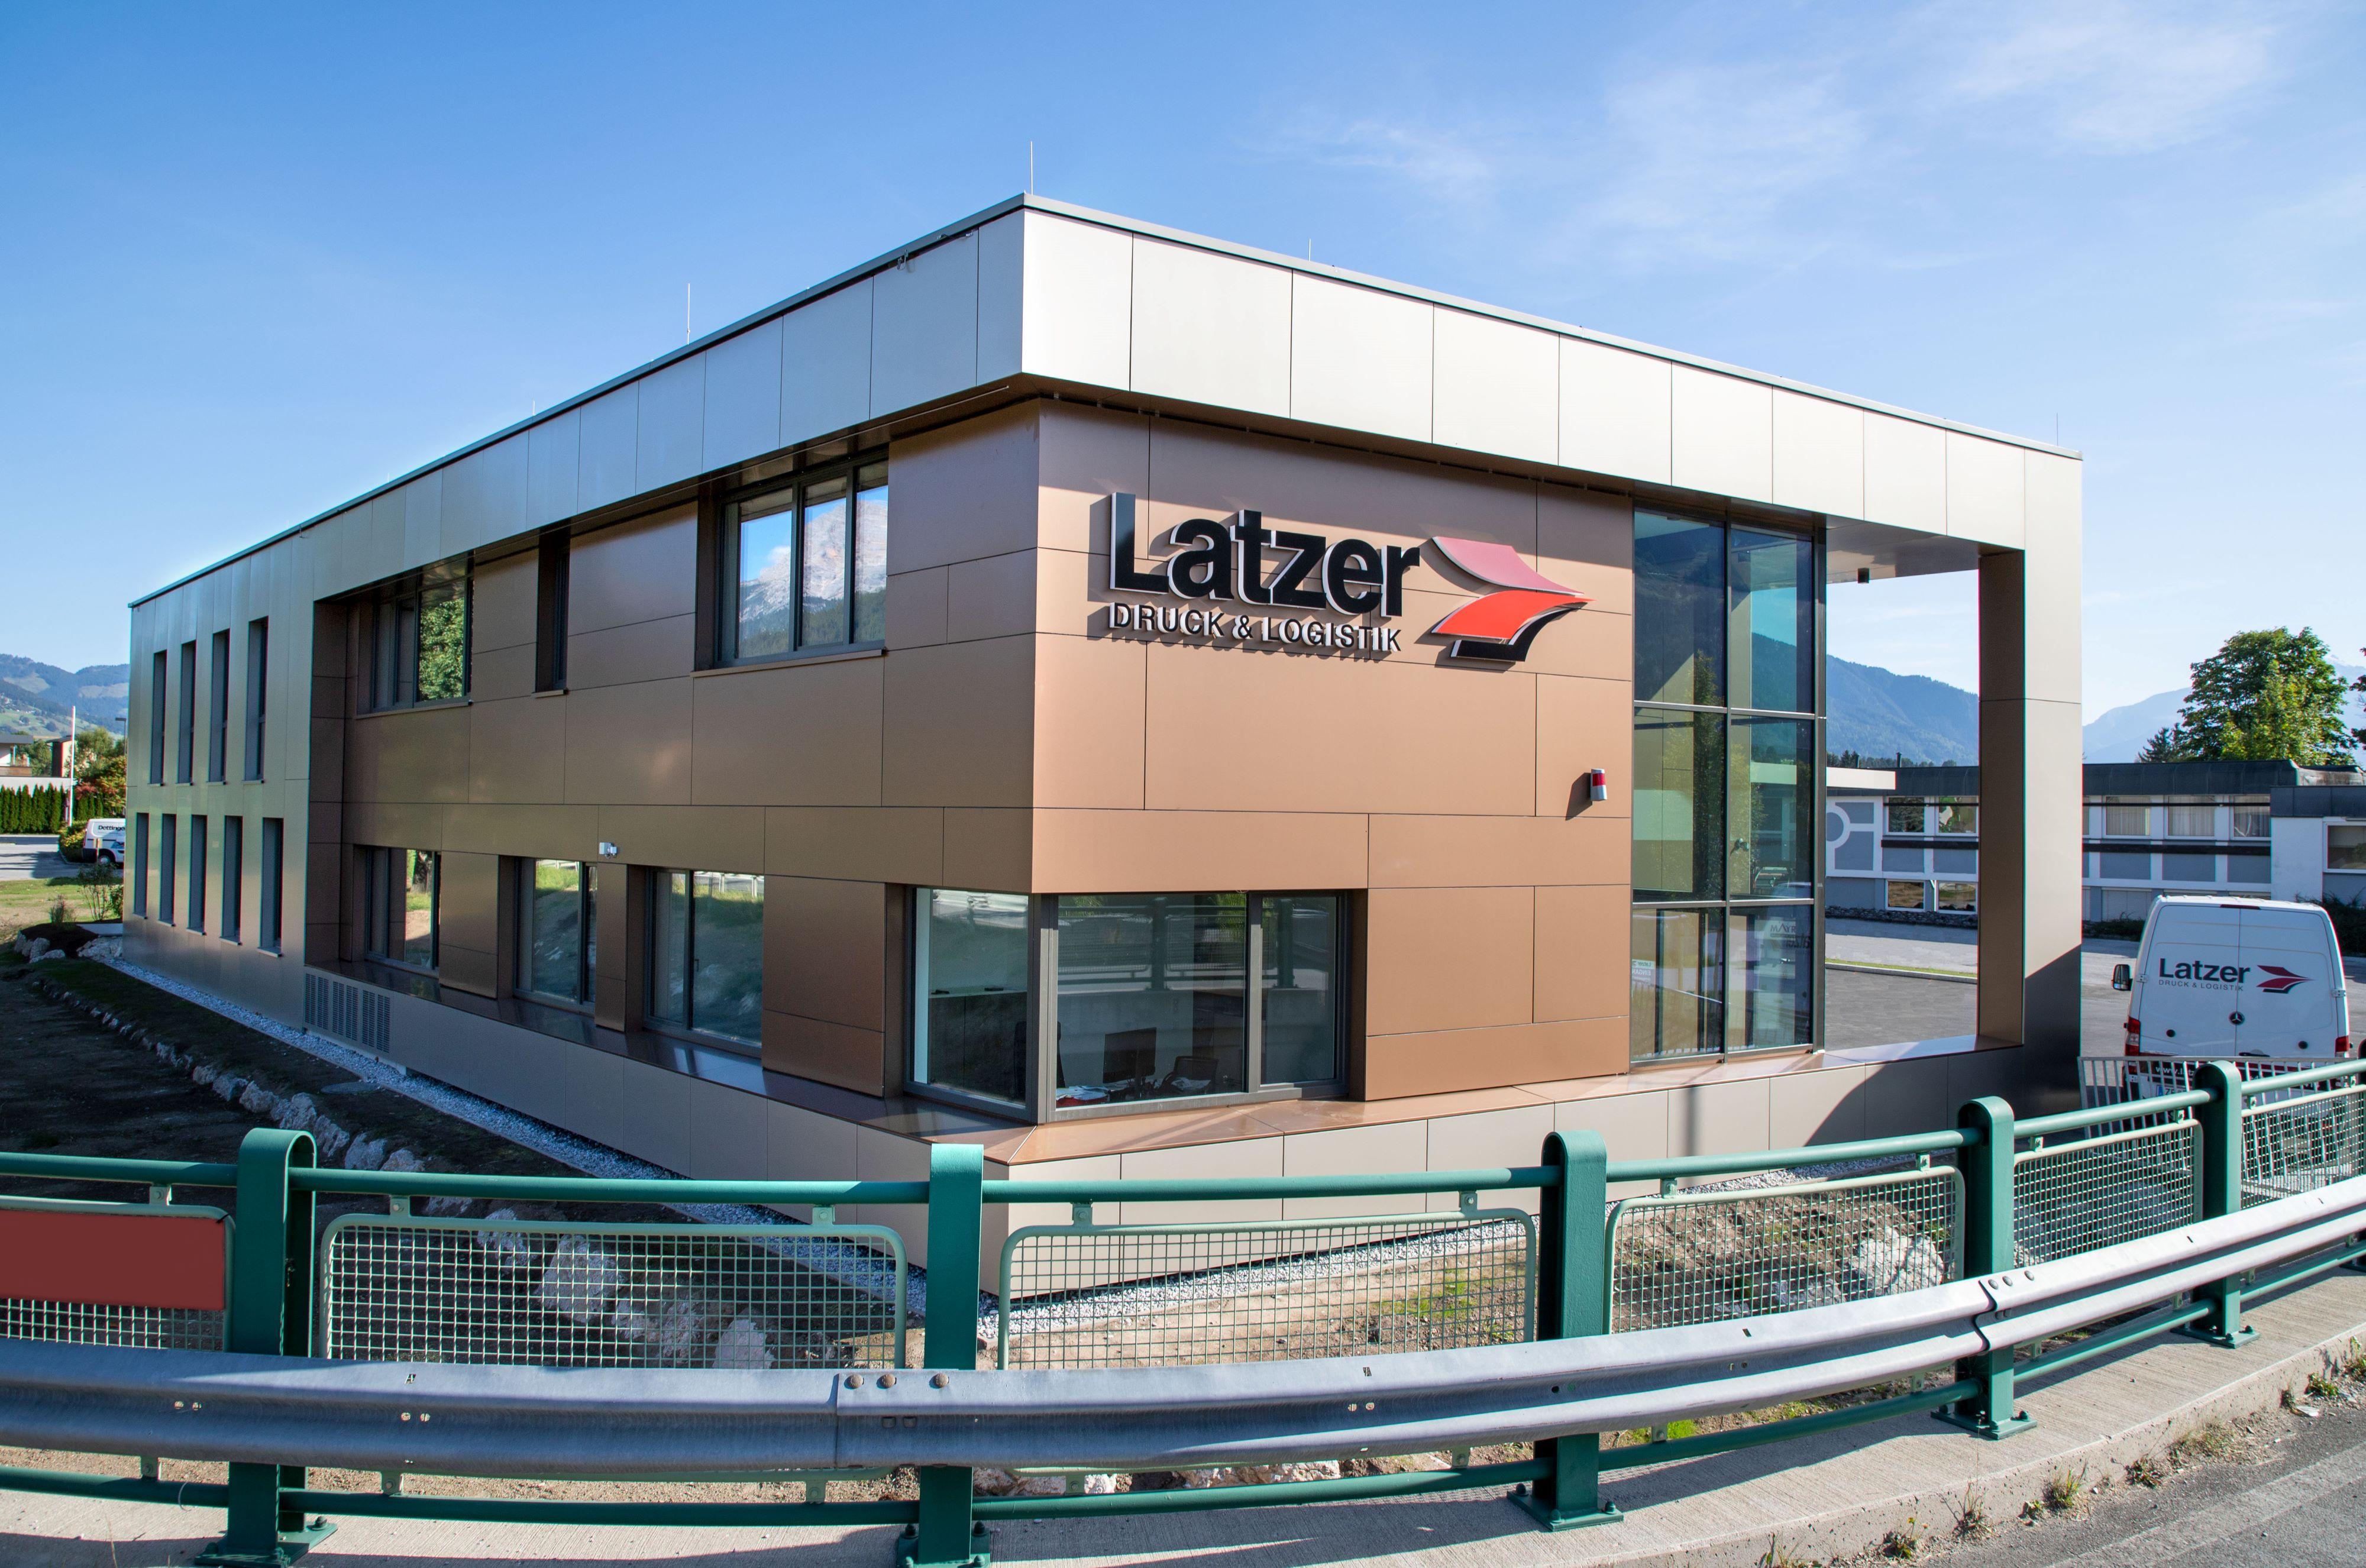 Latzer Firmengebäude